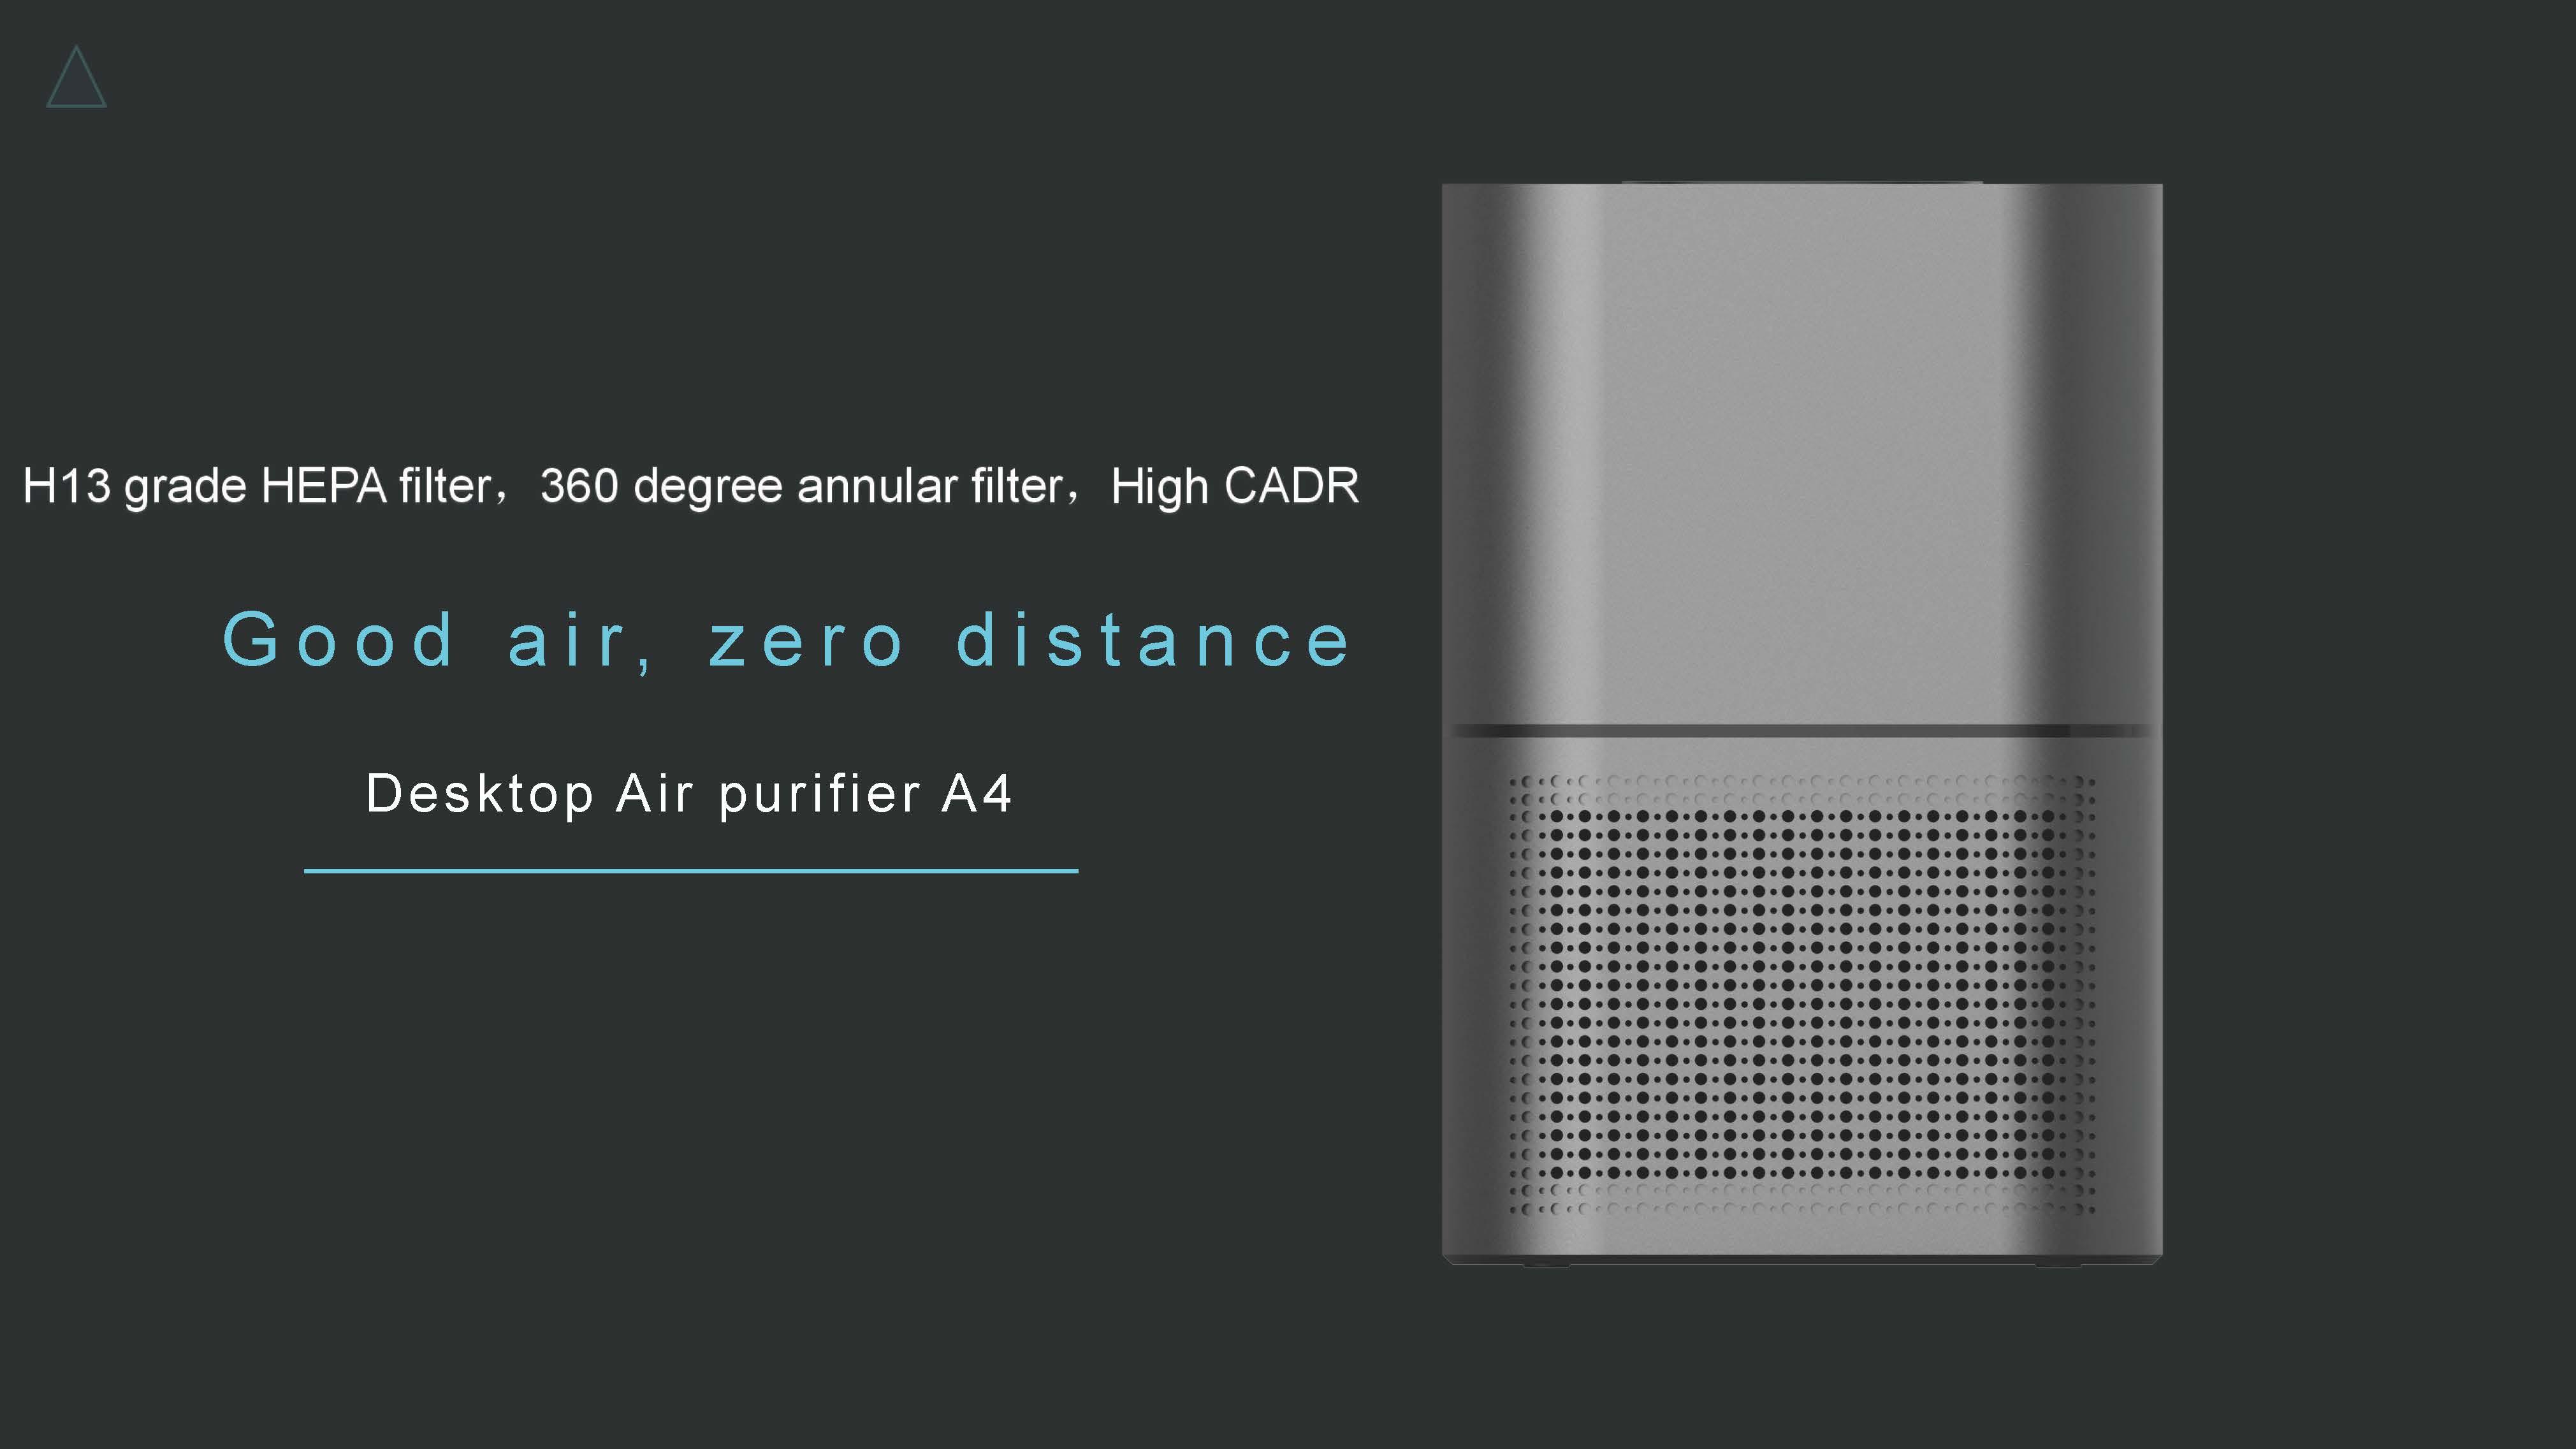 Desktop Air Purifier A4 01